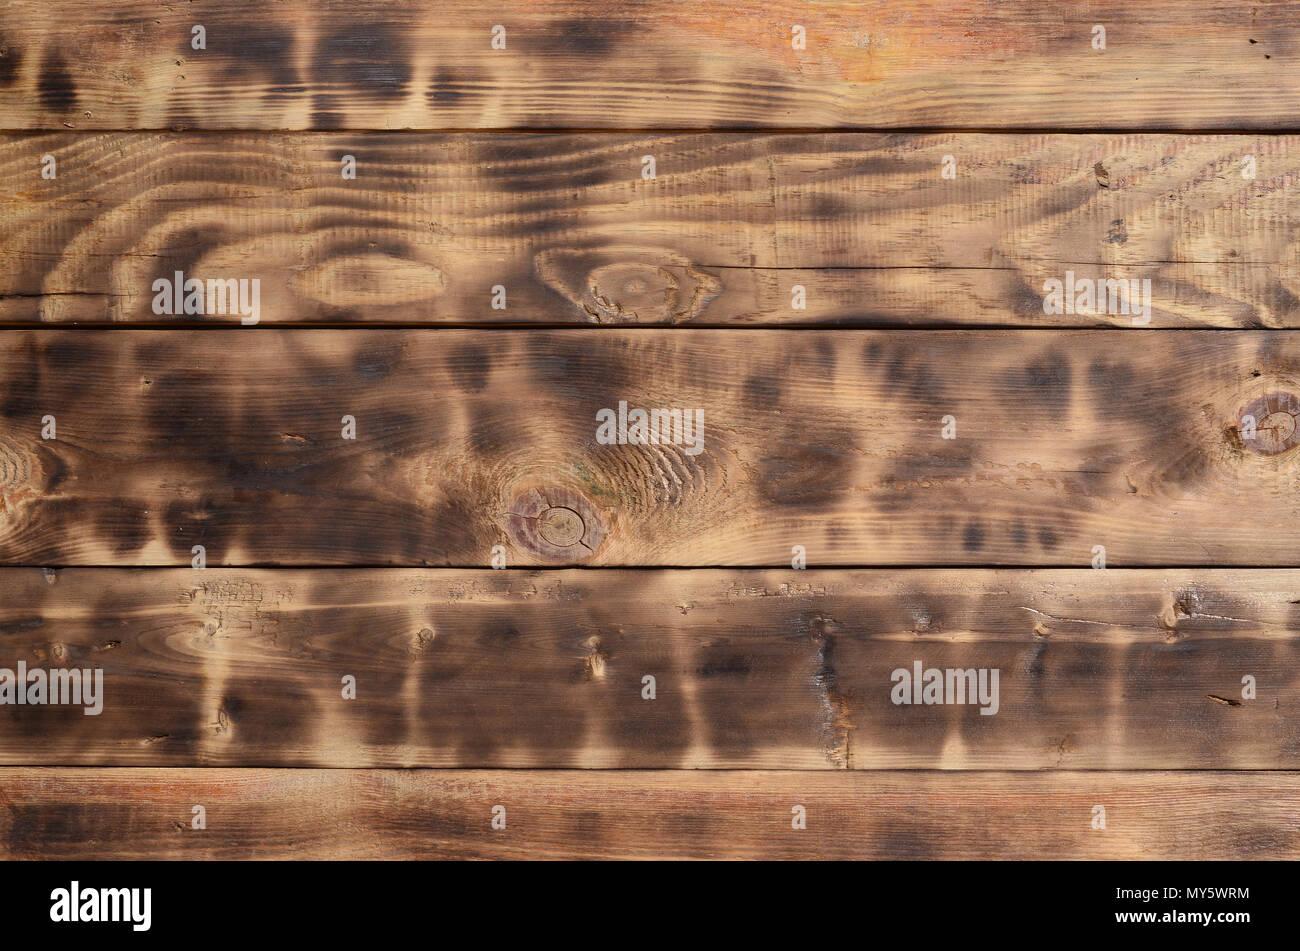 La Texture Du Mur De Bois Brulee Mur De Planches De Bois Long